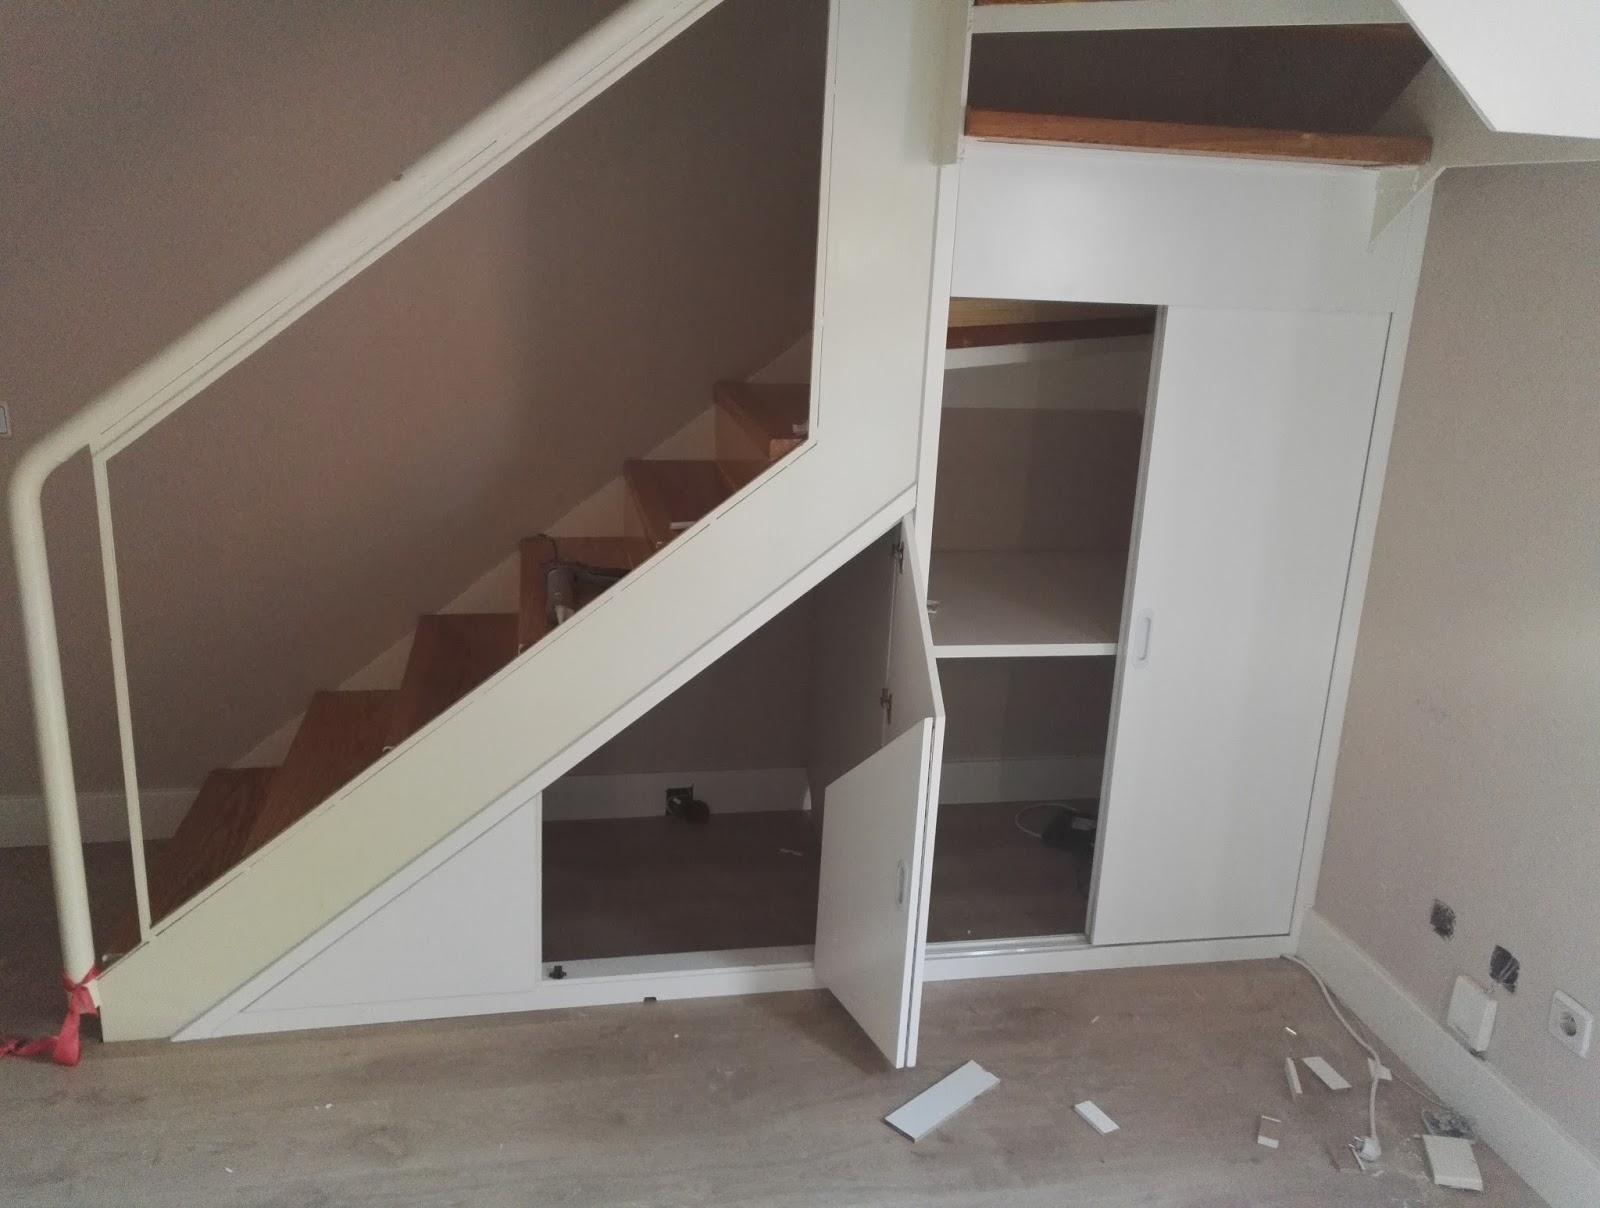 Muebles a medida frente armario bajo escalera lacado en for Armarios para escaleras